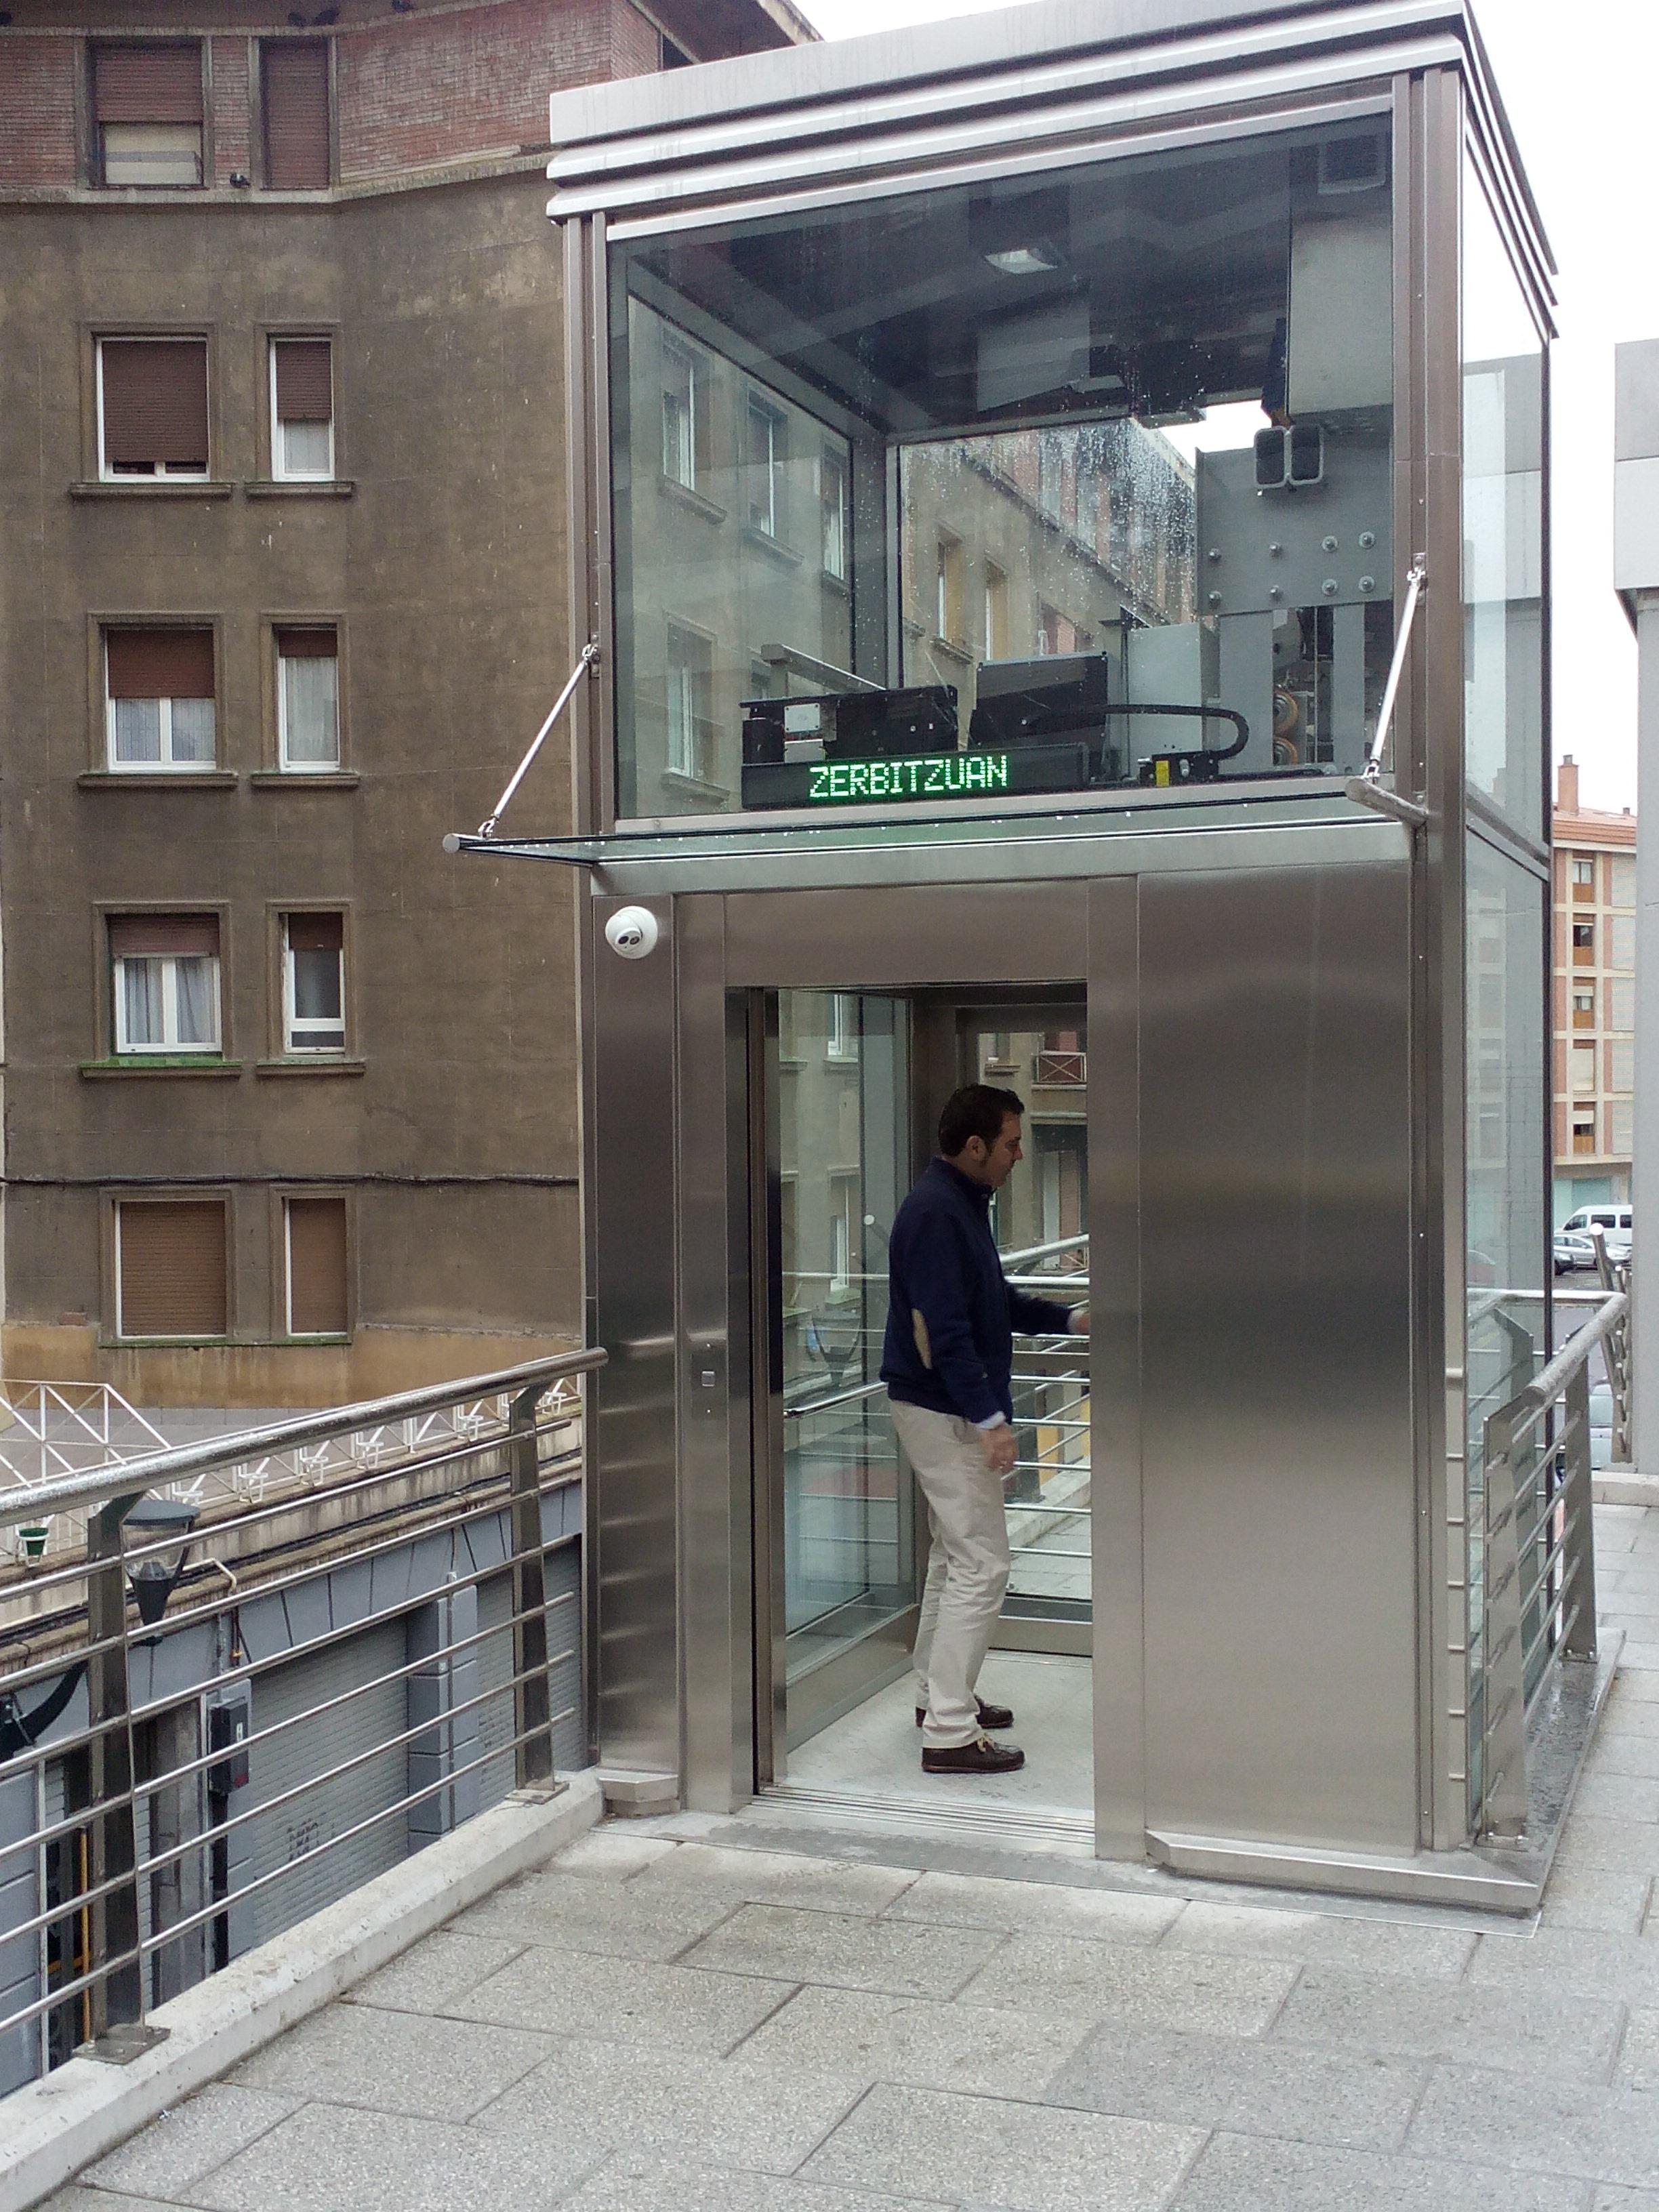 ascensor2.jpg